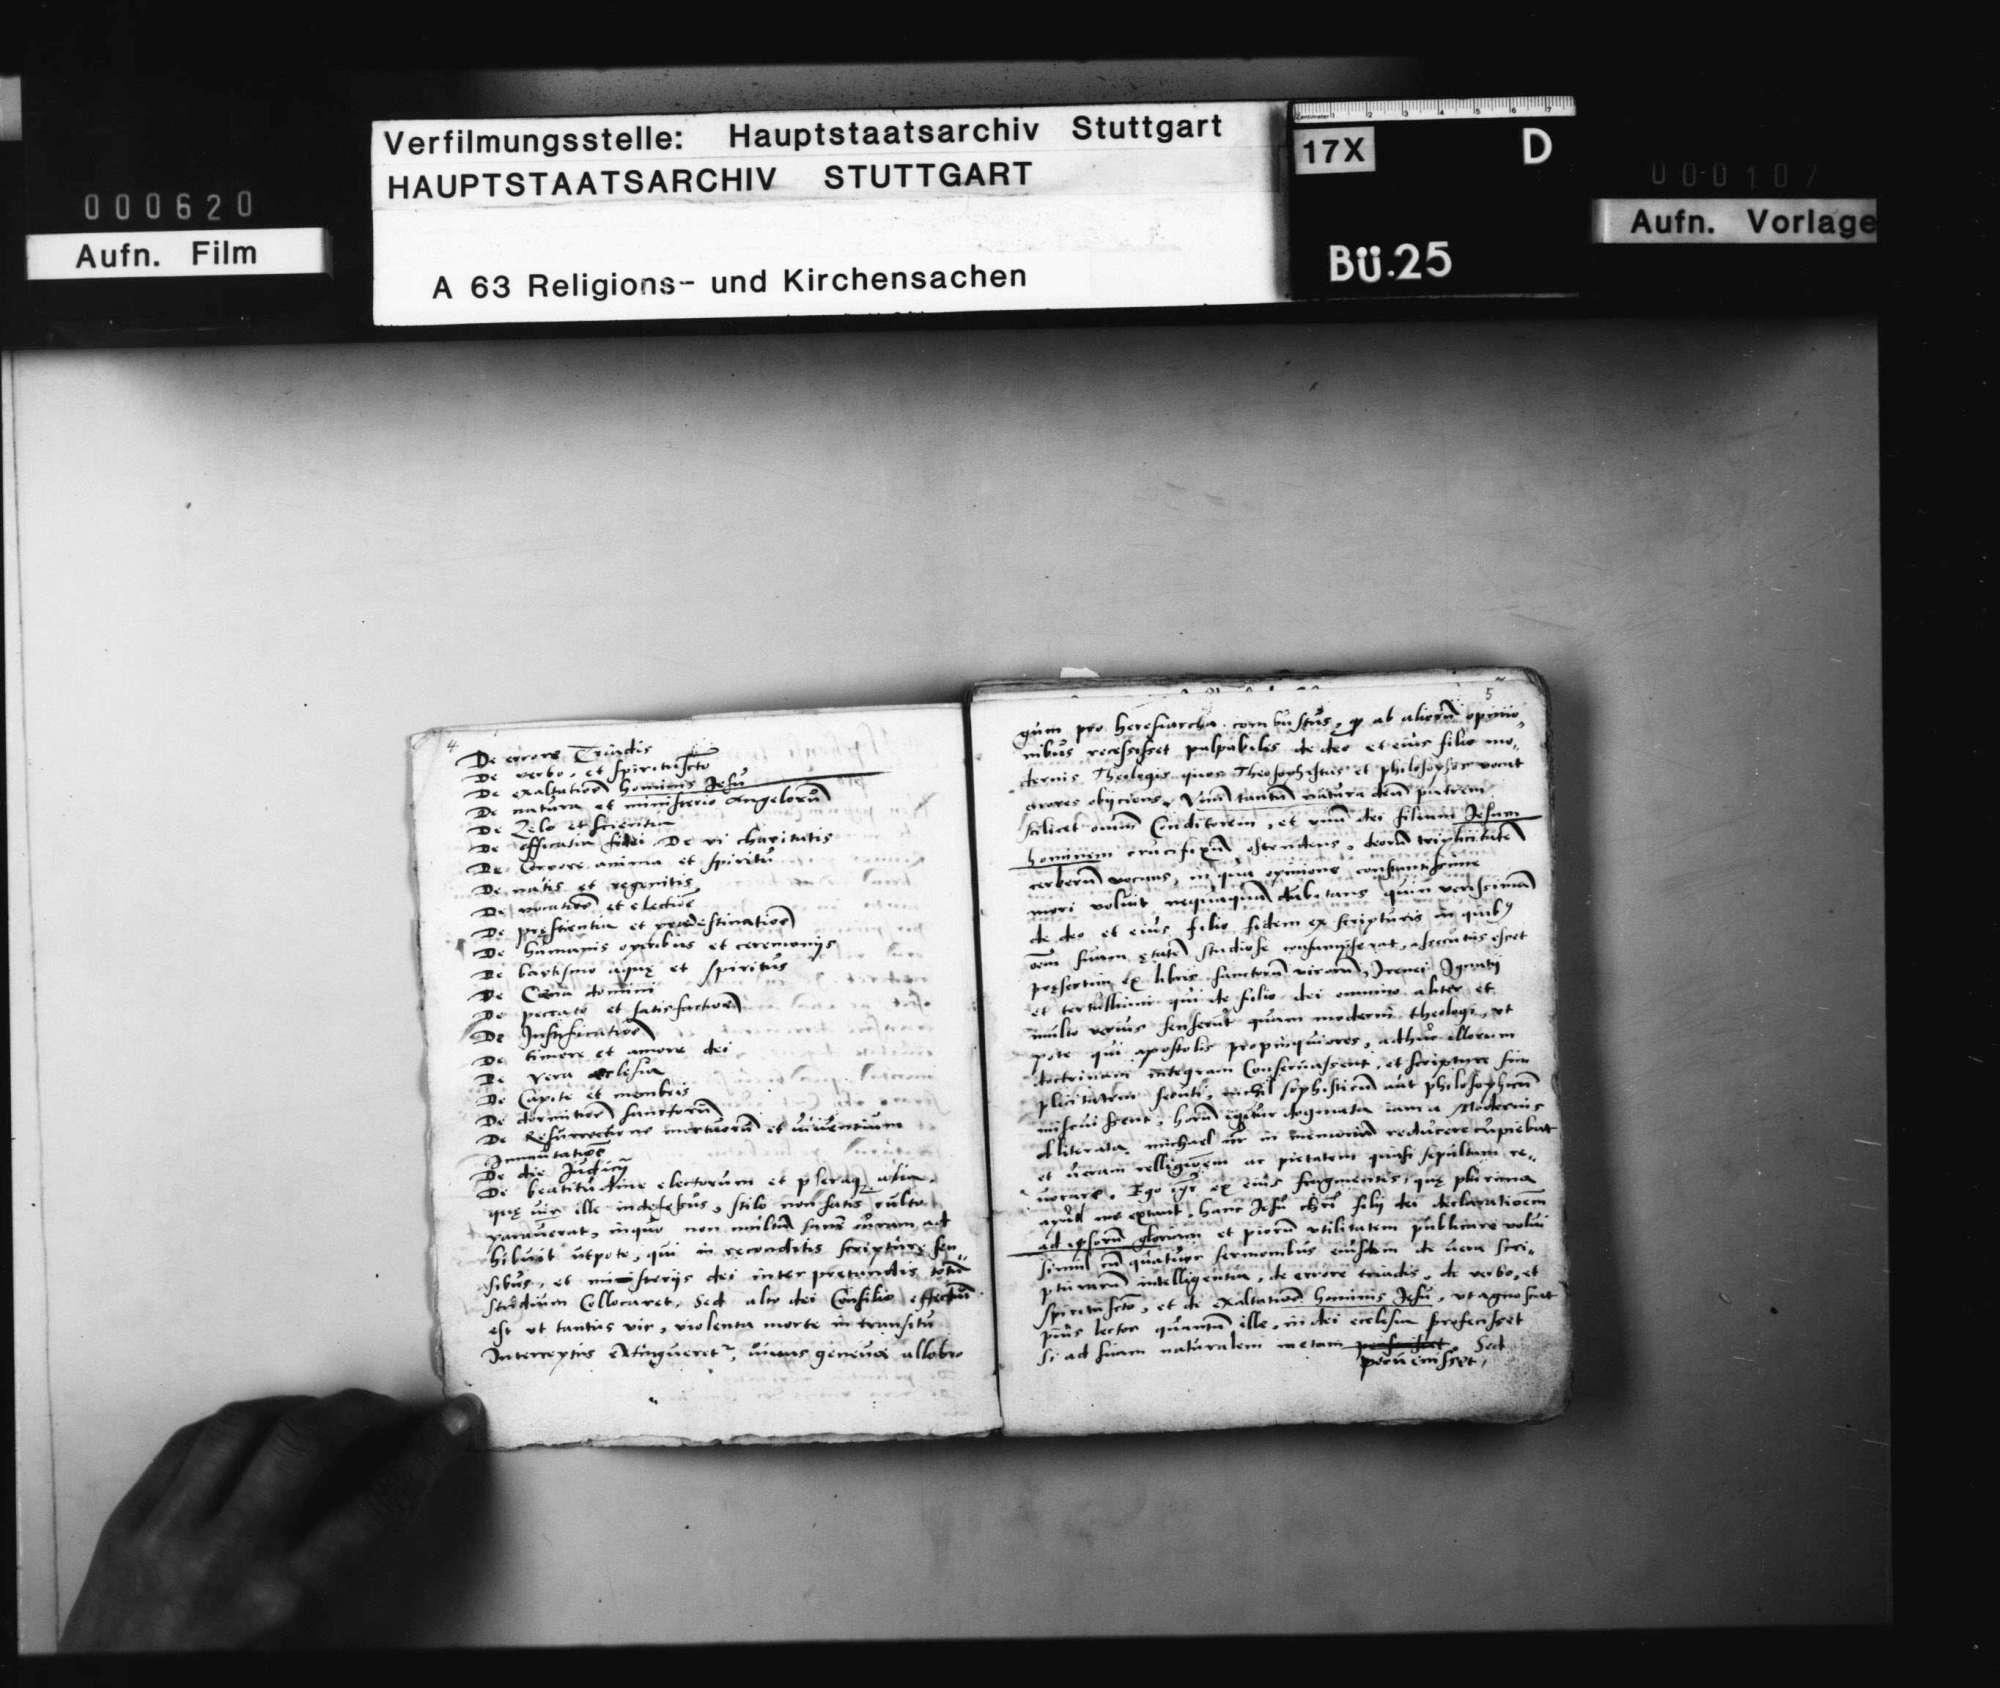 Schriften, betreffend die Untersuchung gegen den zu Tübingen verstorbenen, der Verbreitung Servet